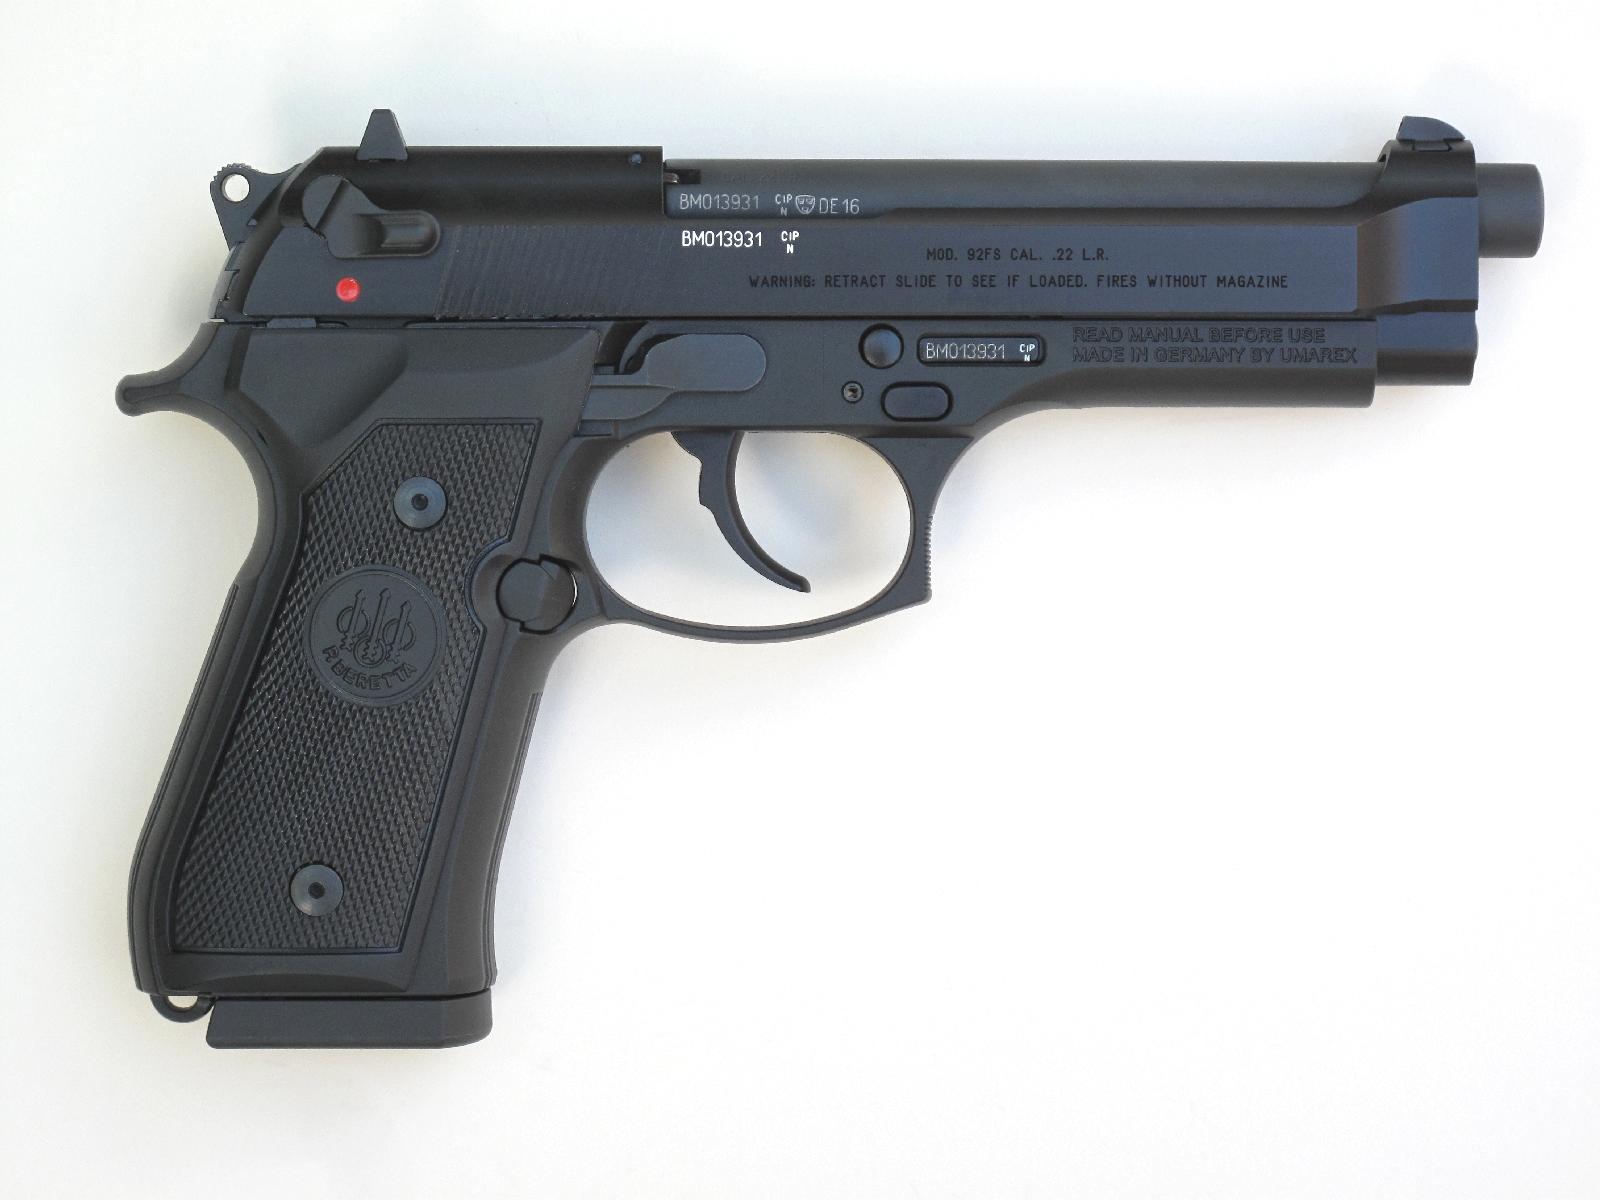 Cette version en petit calibre à percussion annulaire reprend l'aspect extérieur et les dimensions du Beretta 92 FS chambré en calibre 9mm Parabellum.